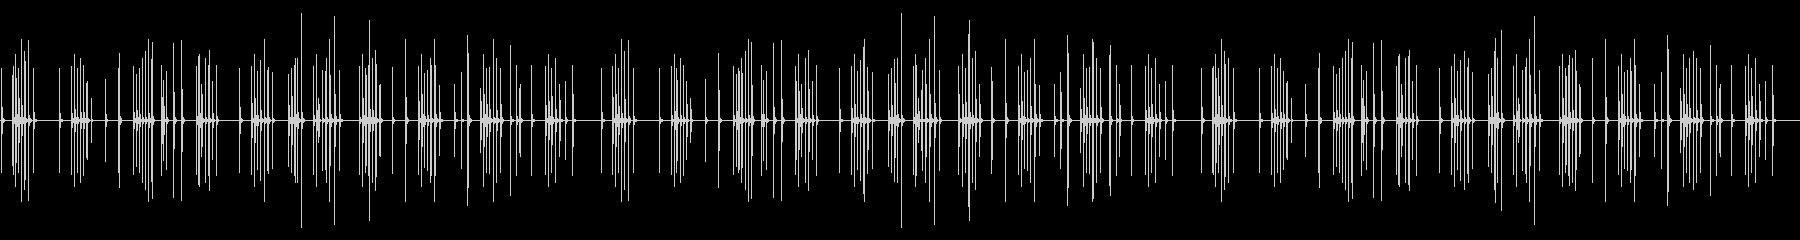 春の海 卓上木琴の未再生の波形